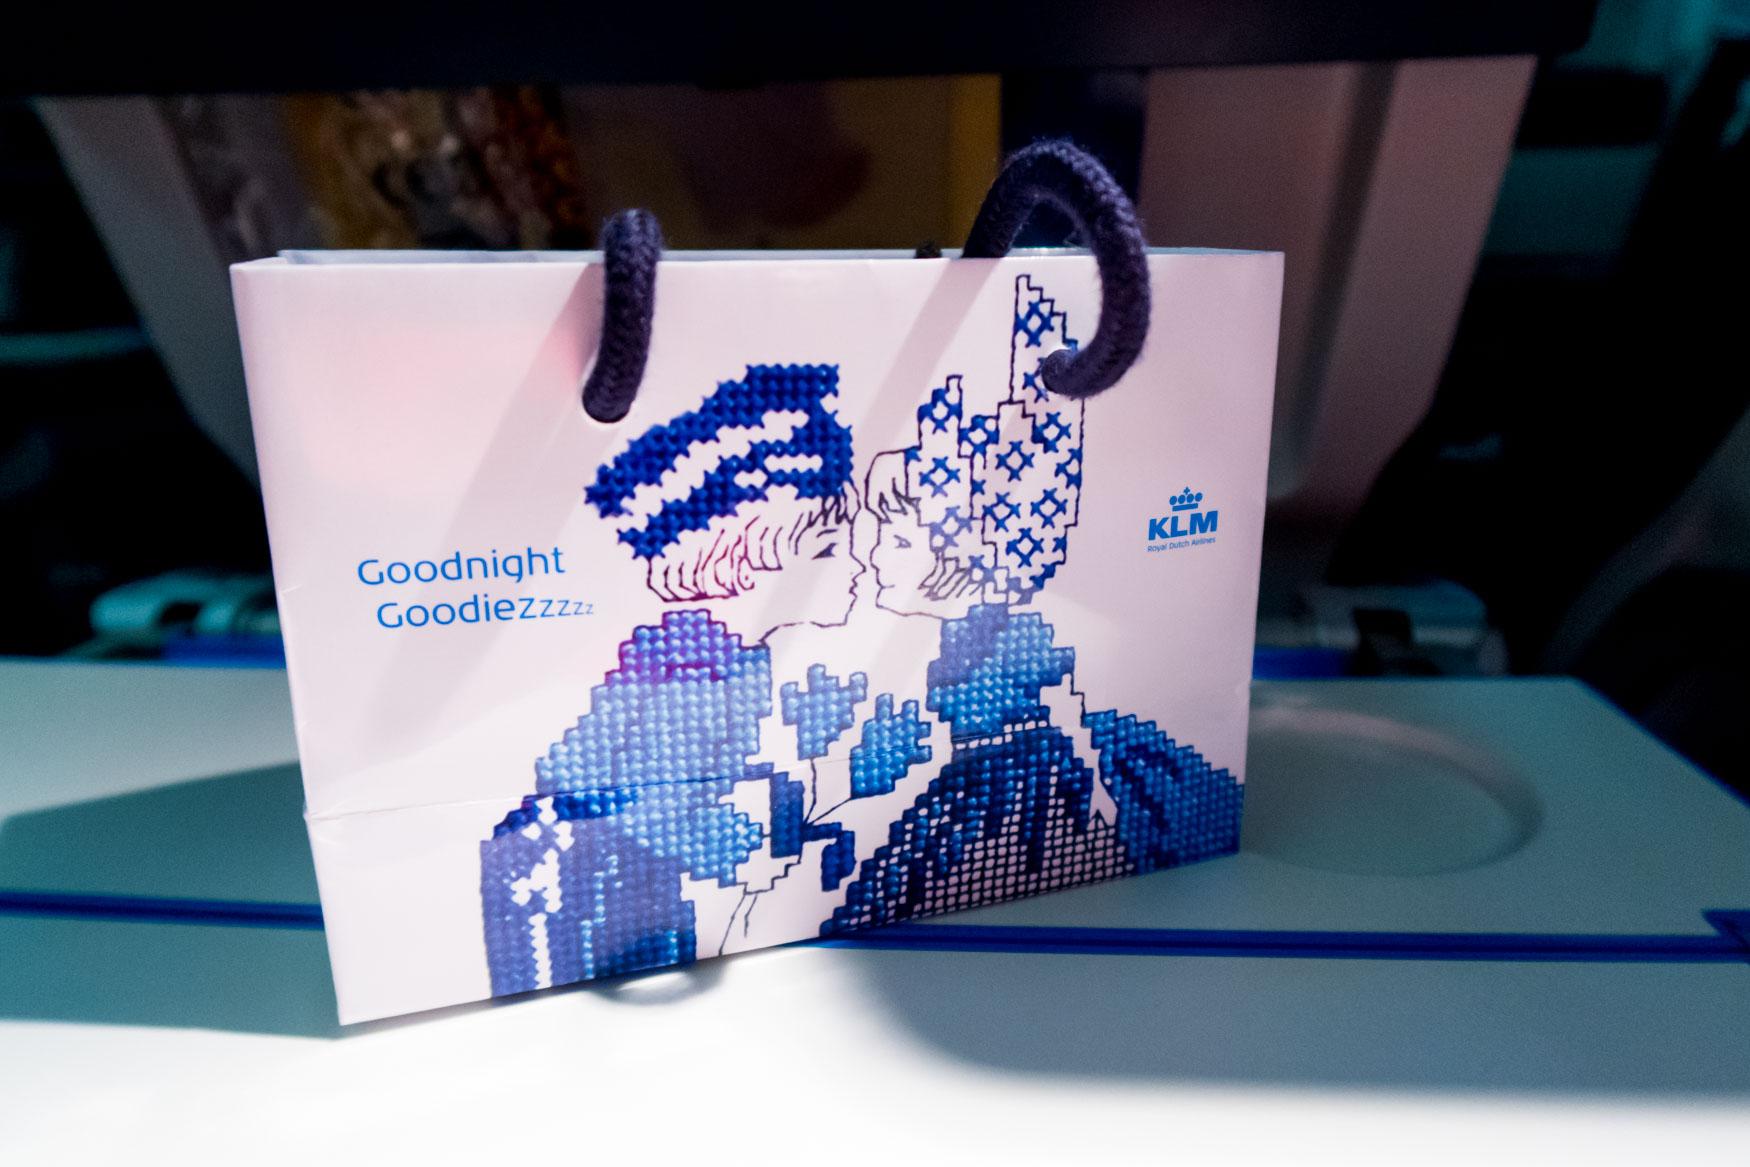 KLM Goodnight GoodieZzzzz